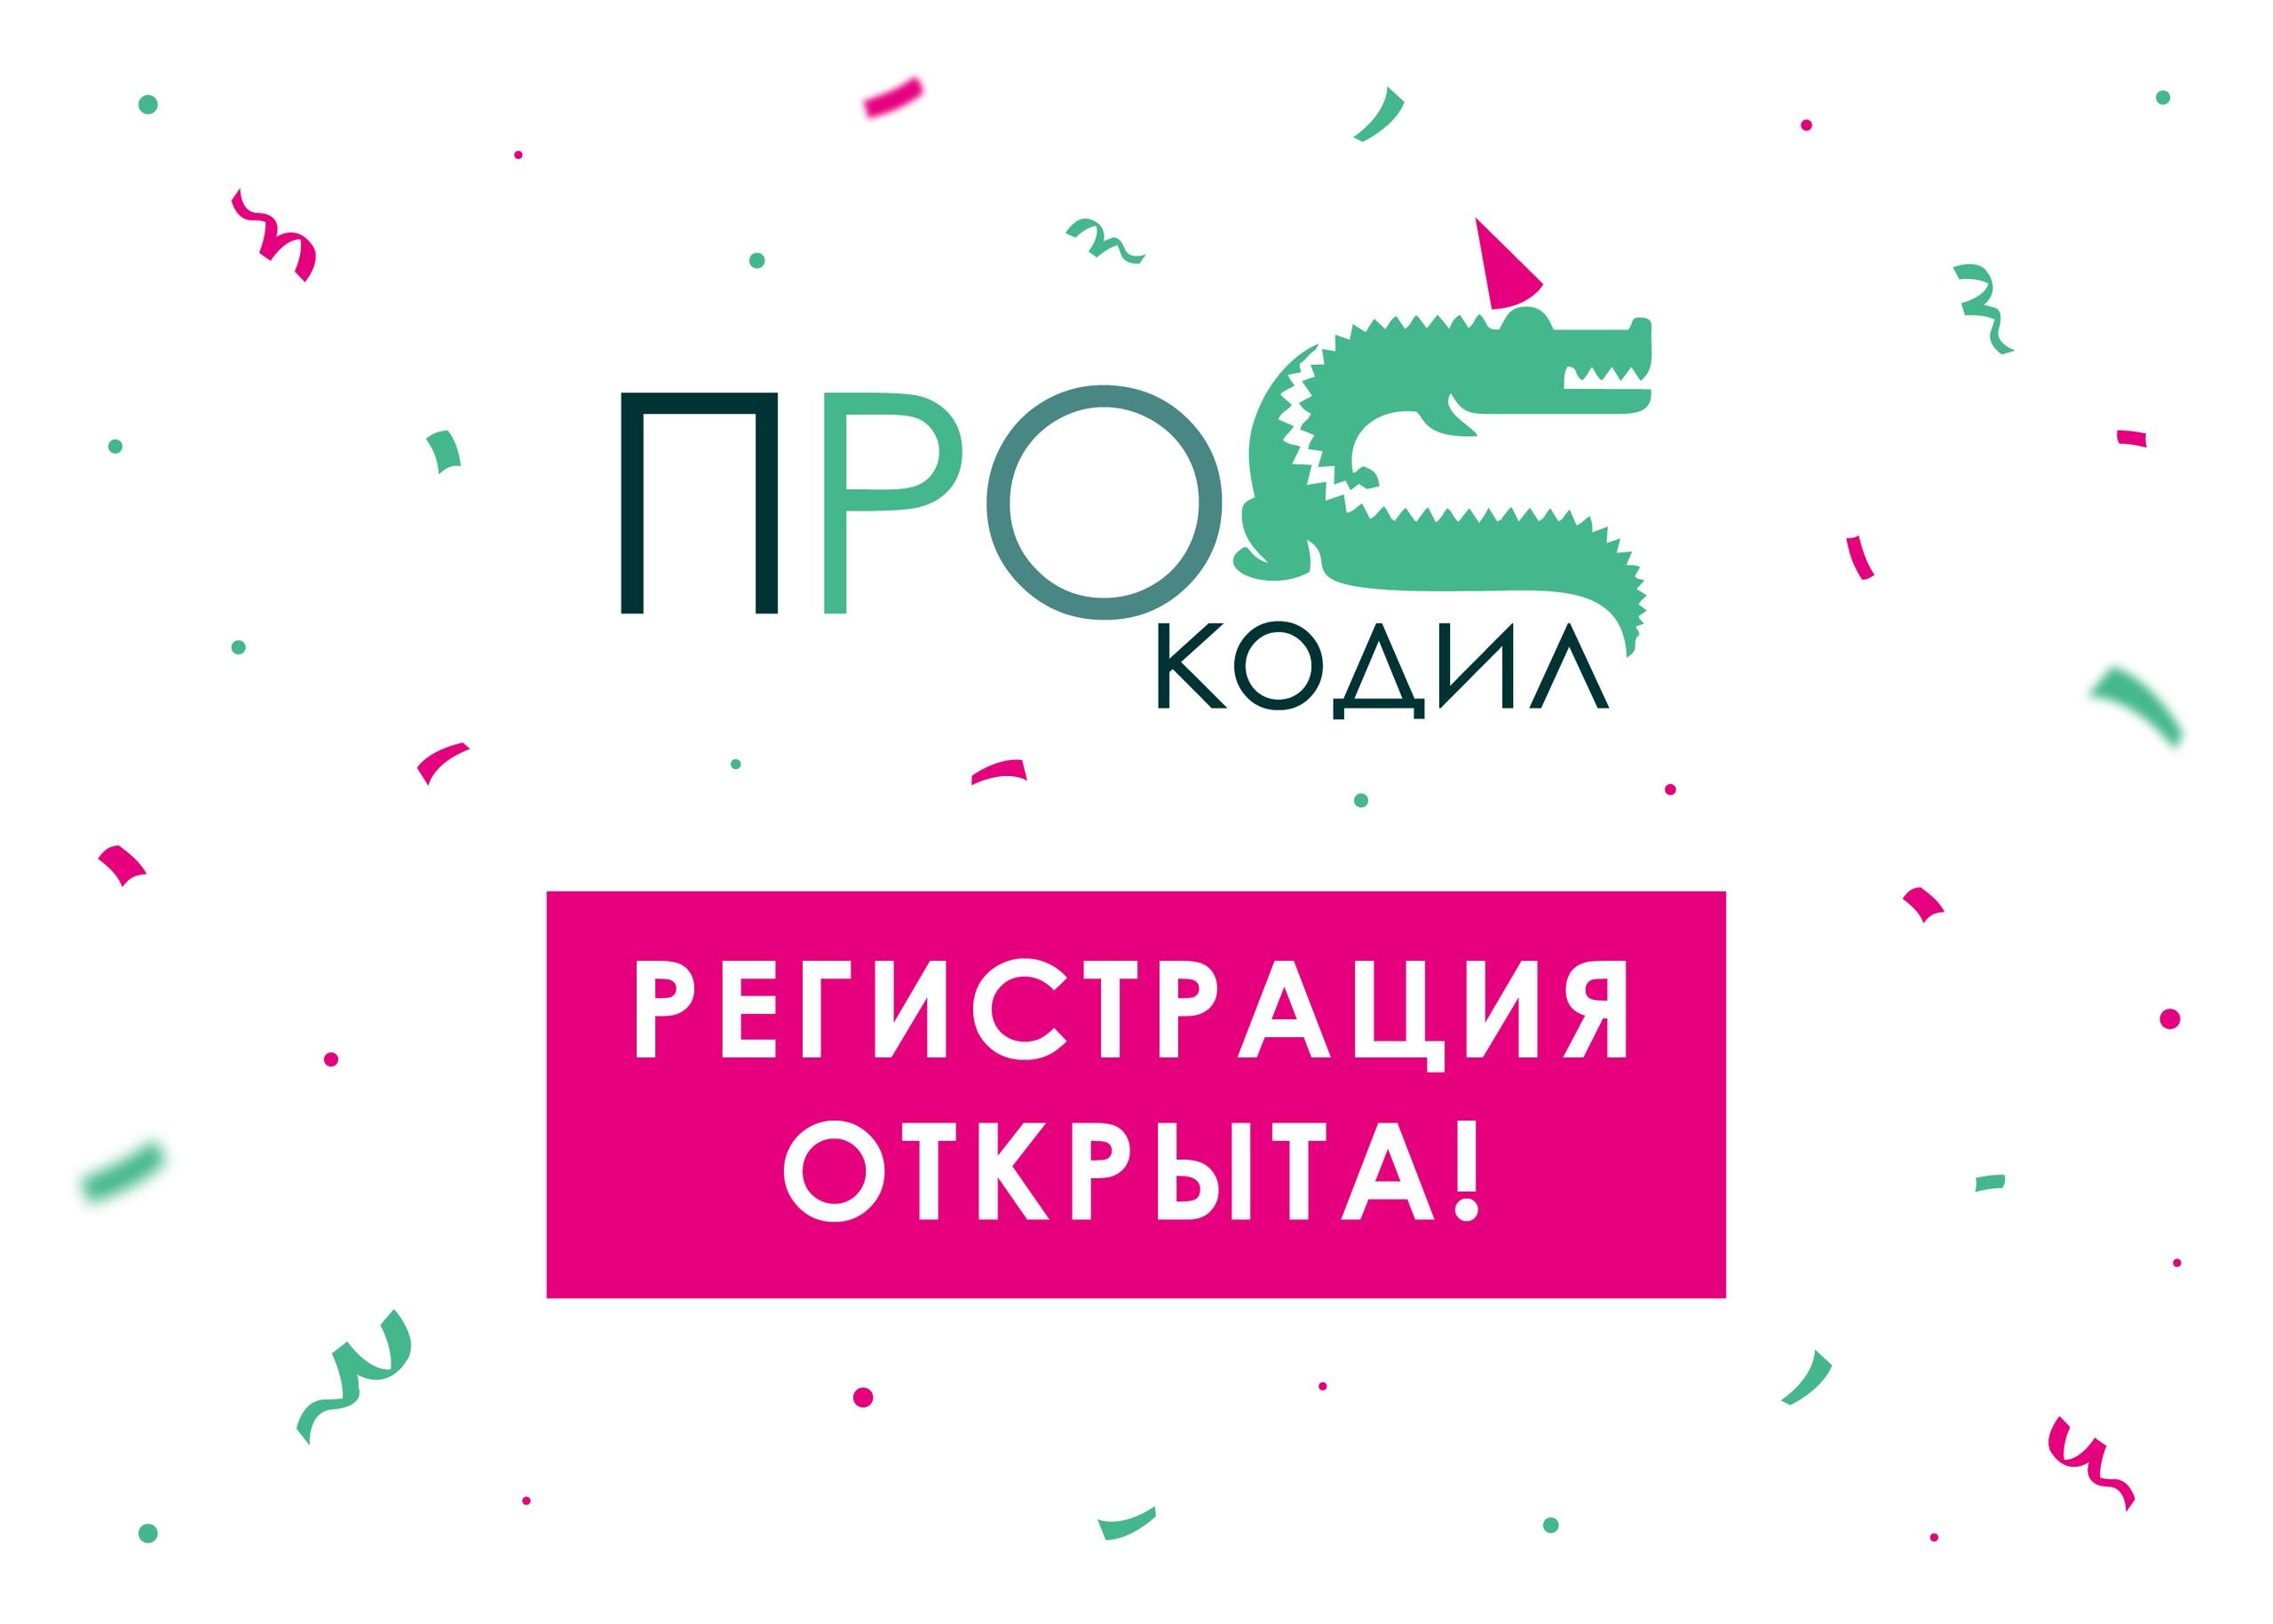 В Петербурге стартовала регистрация на ПРОкодил!